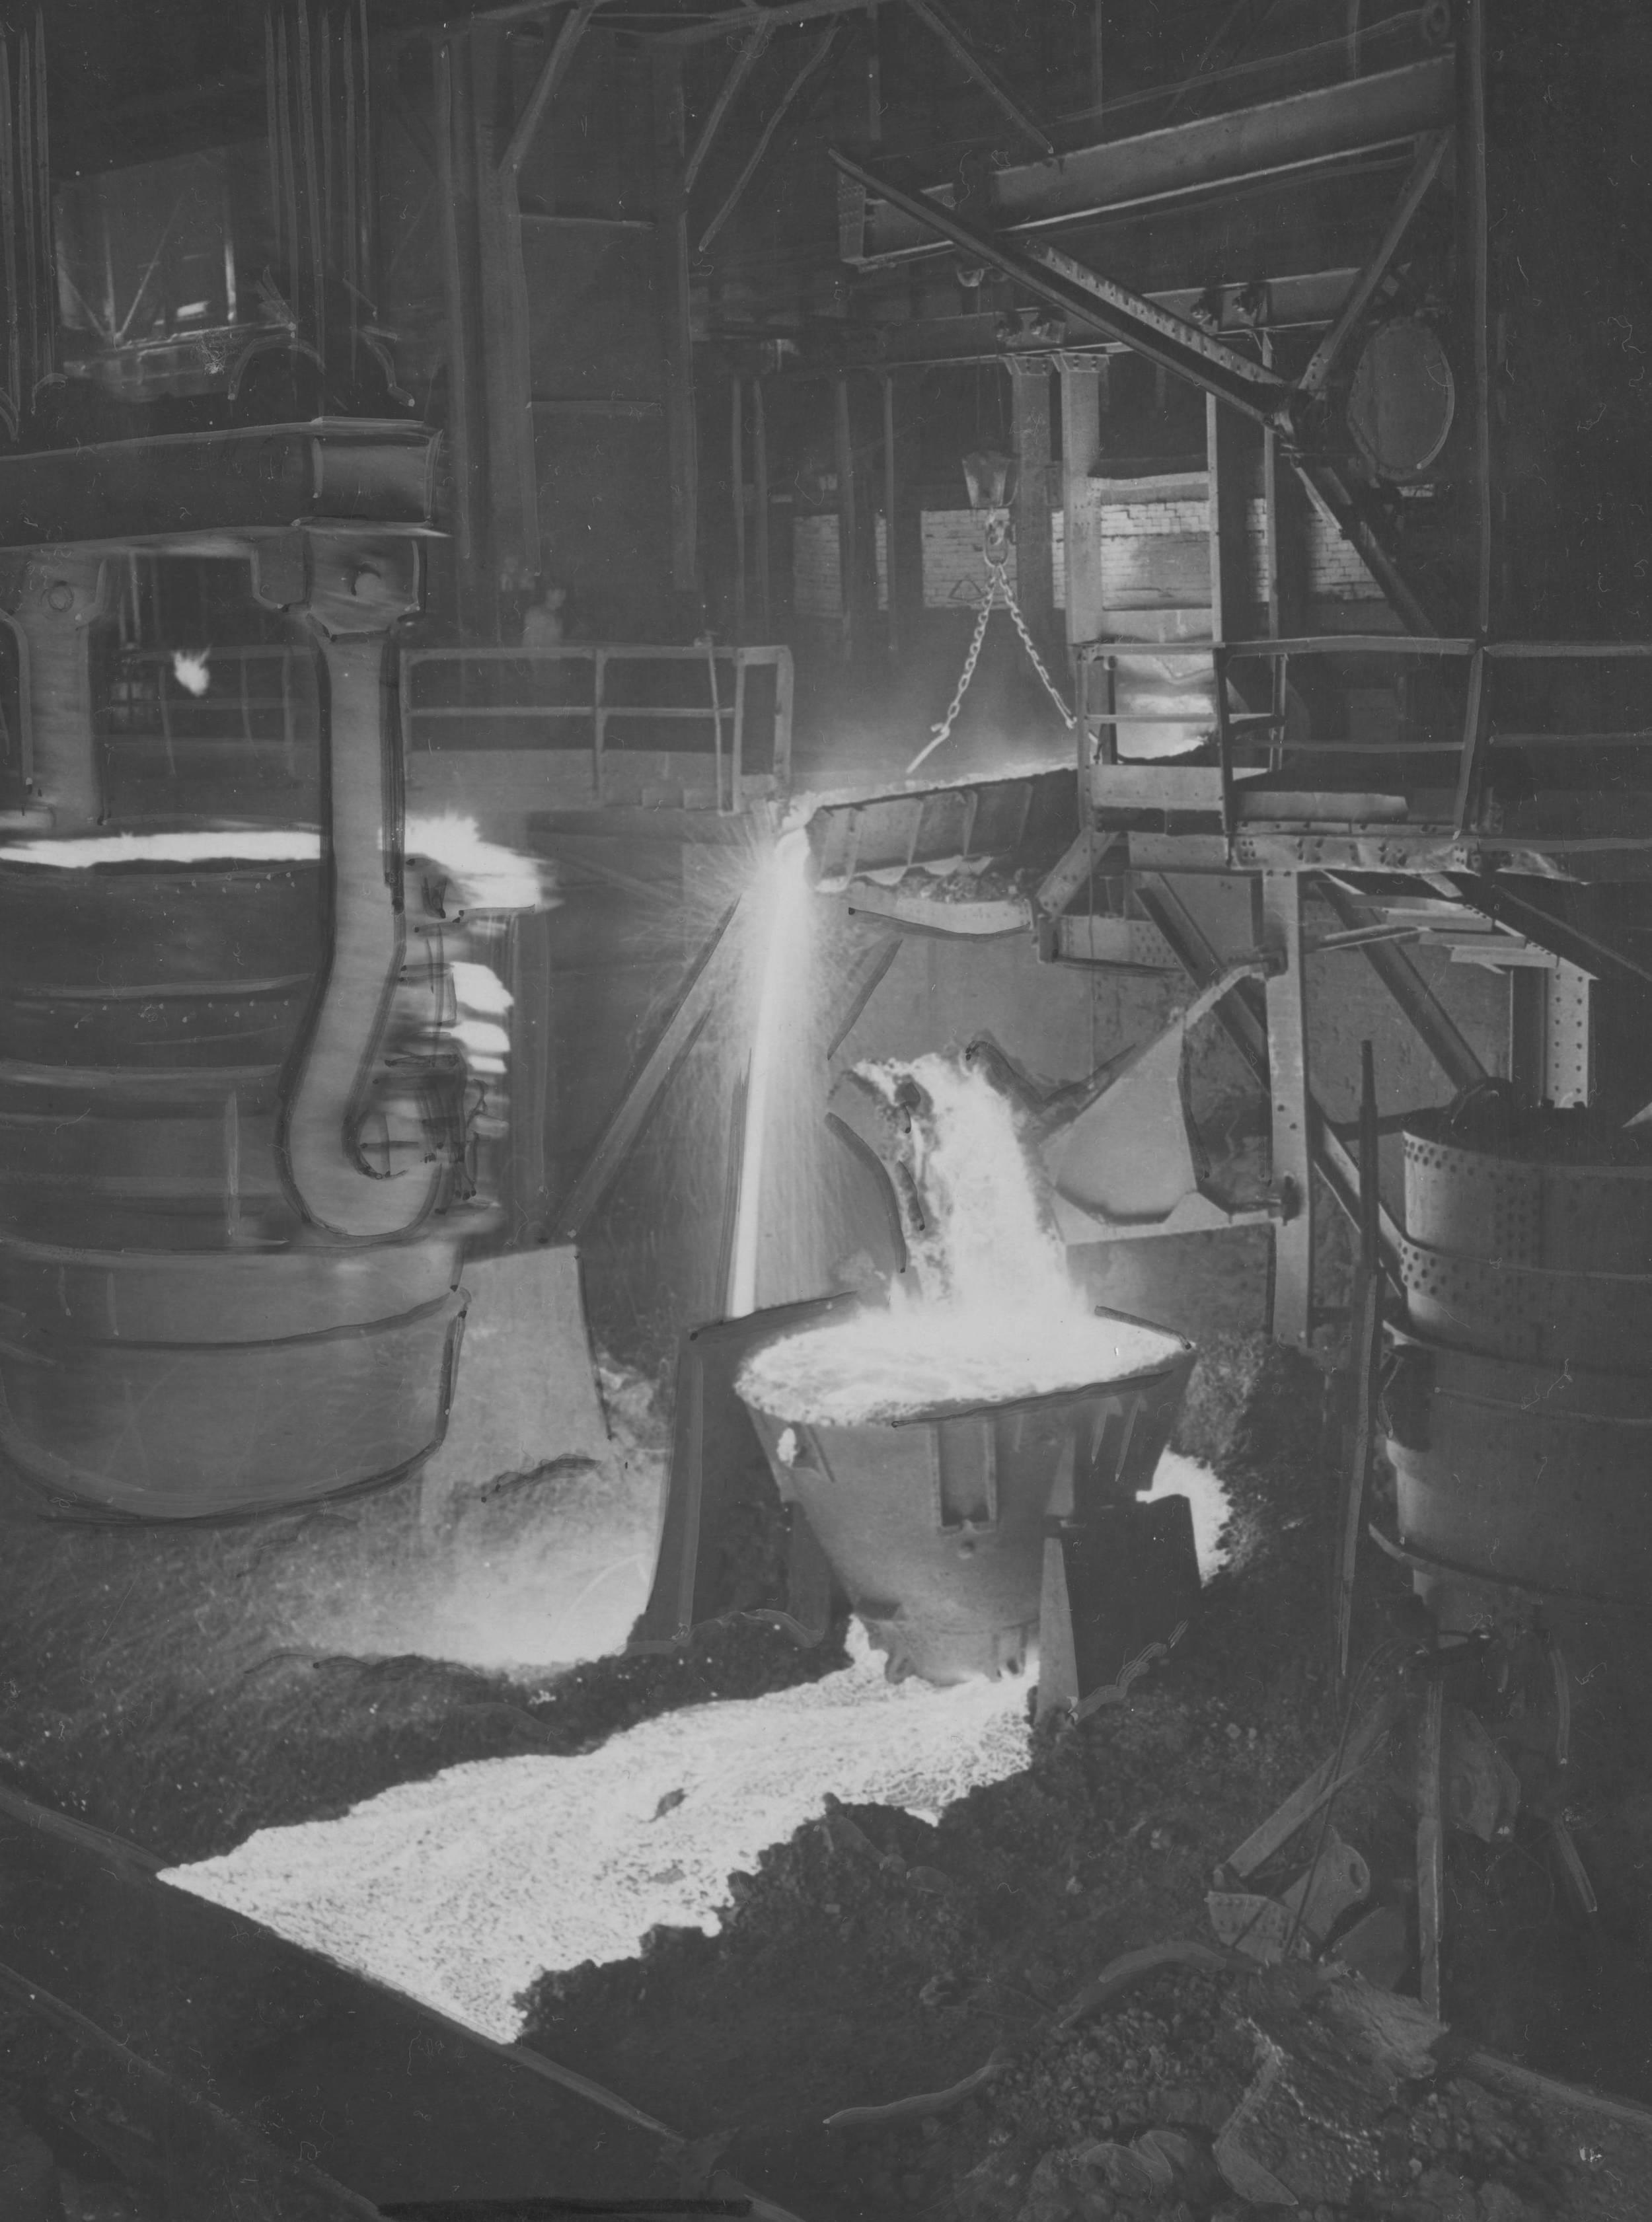 Otis_Steel_1935b.jpg